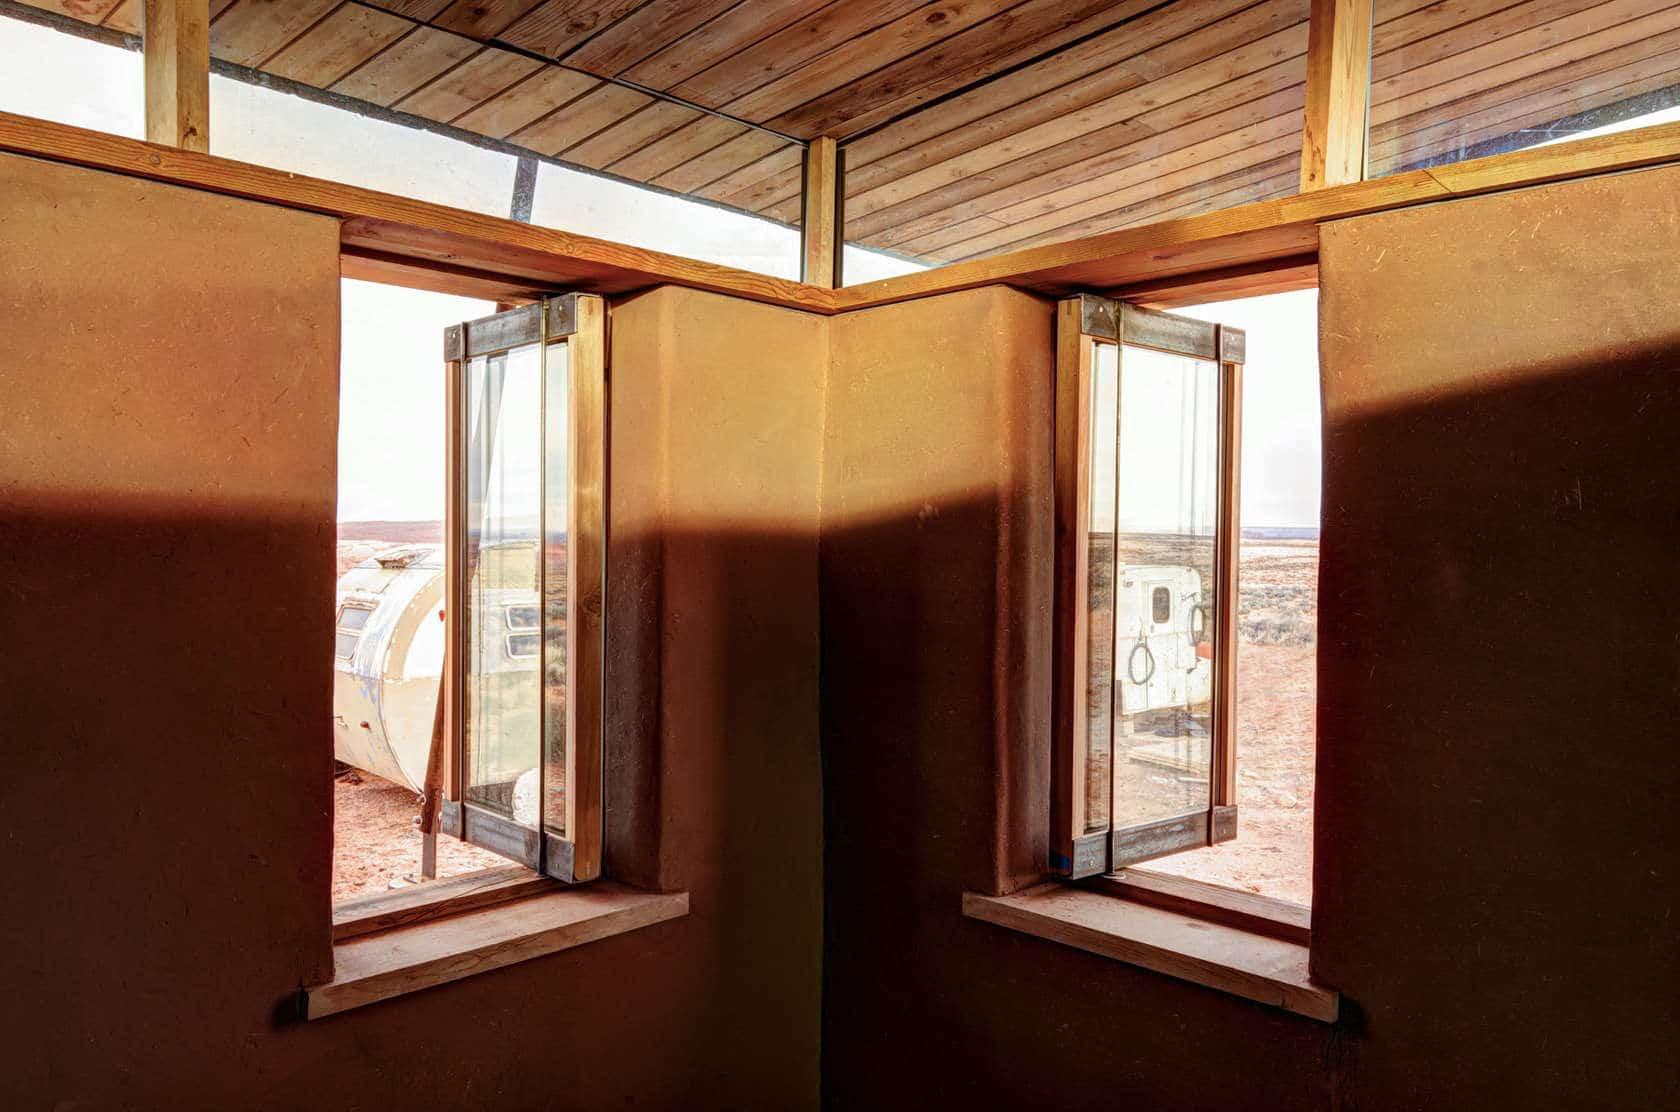 Proyecto de peque a casa de arcilla y madera for Ventanas en madera para interiores